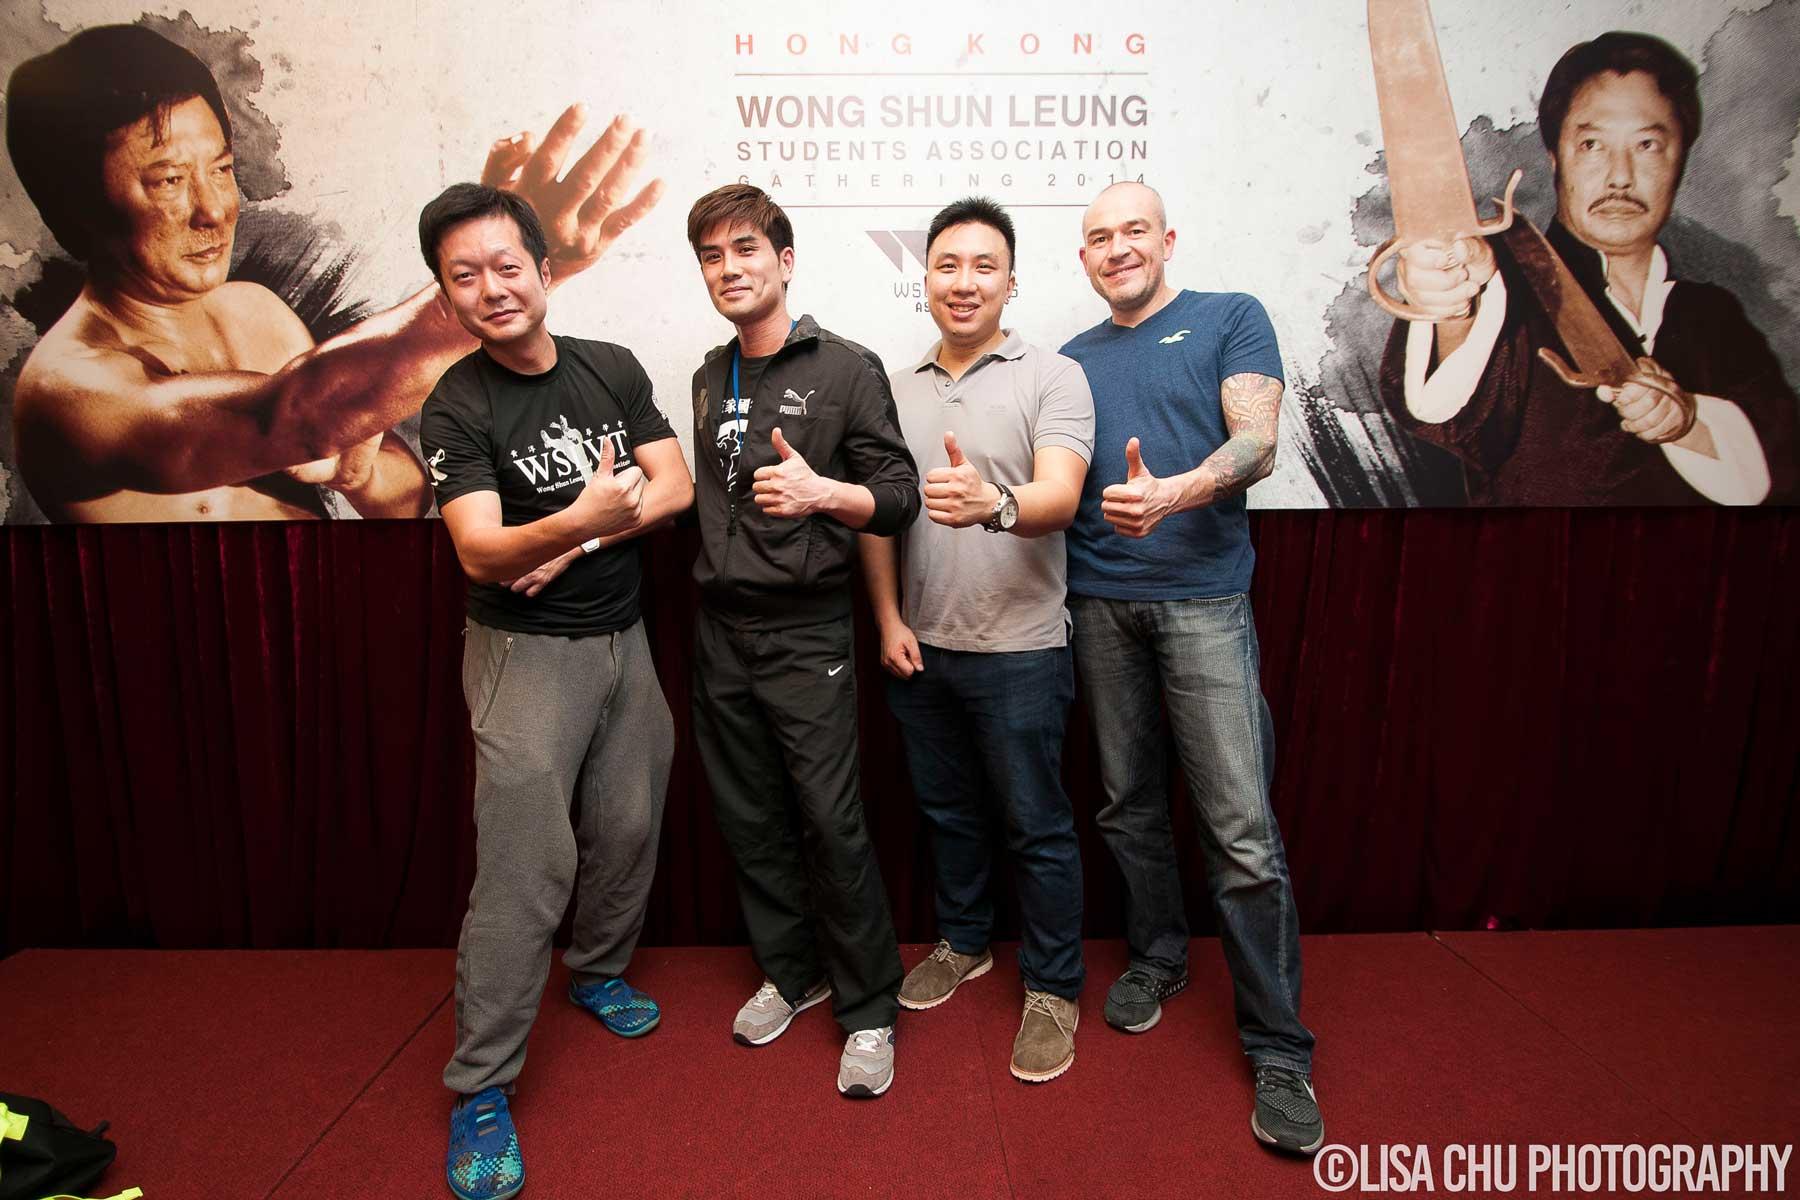 Sifu John Wong / Philip Ng / David Phoong / Michael Mehle